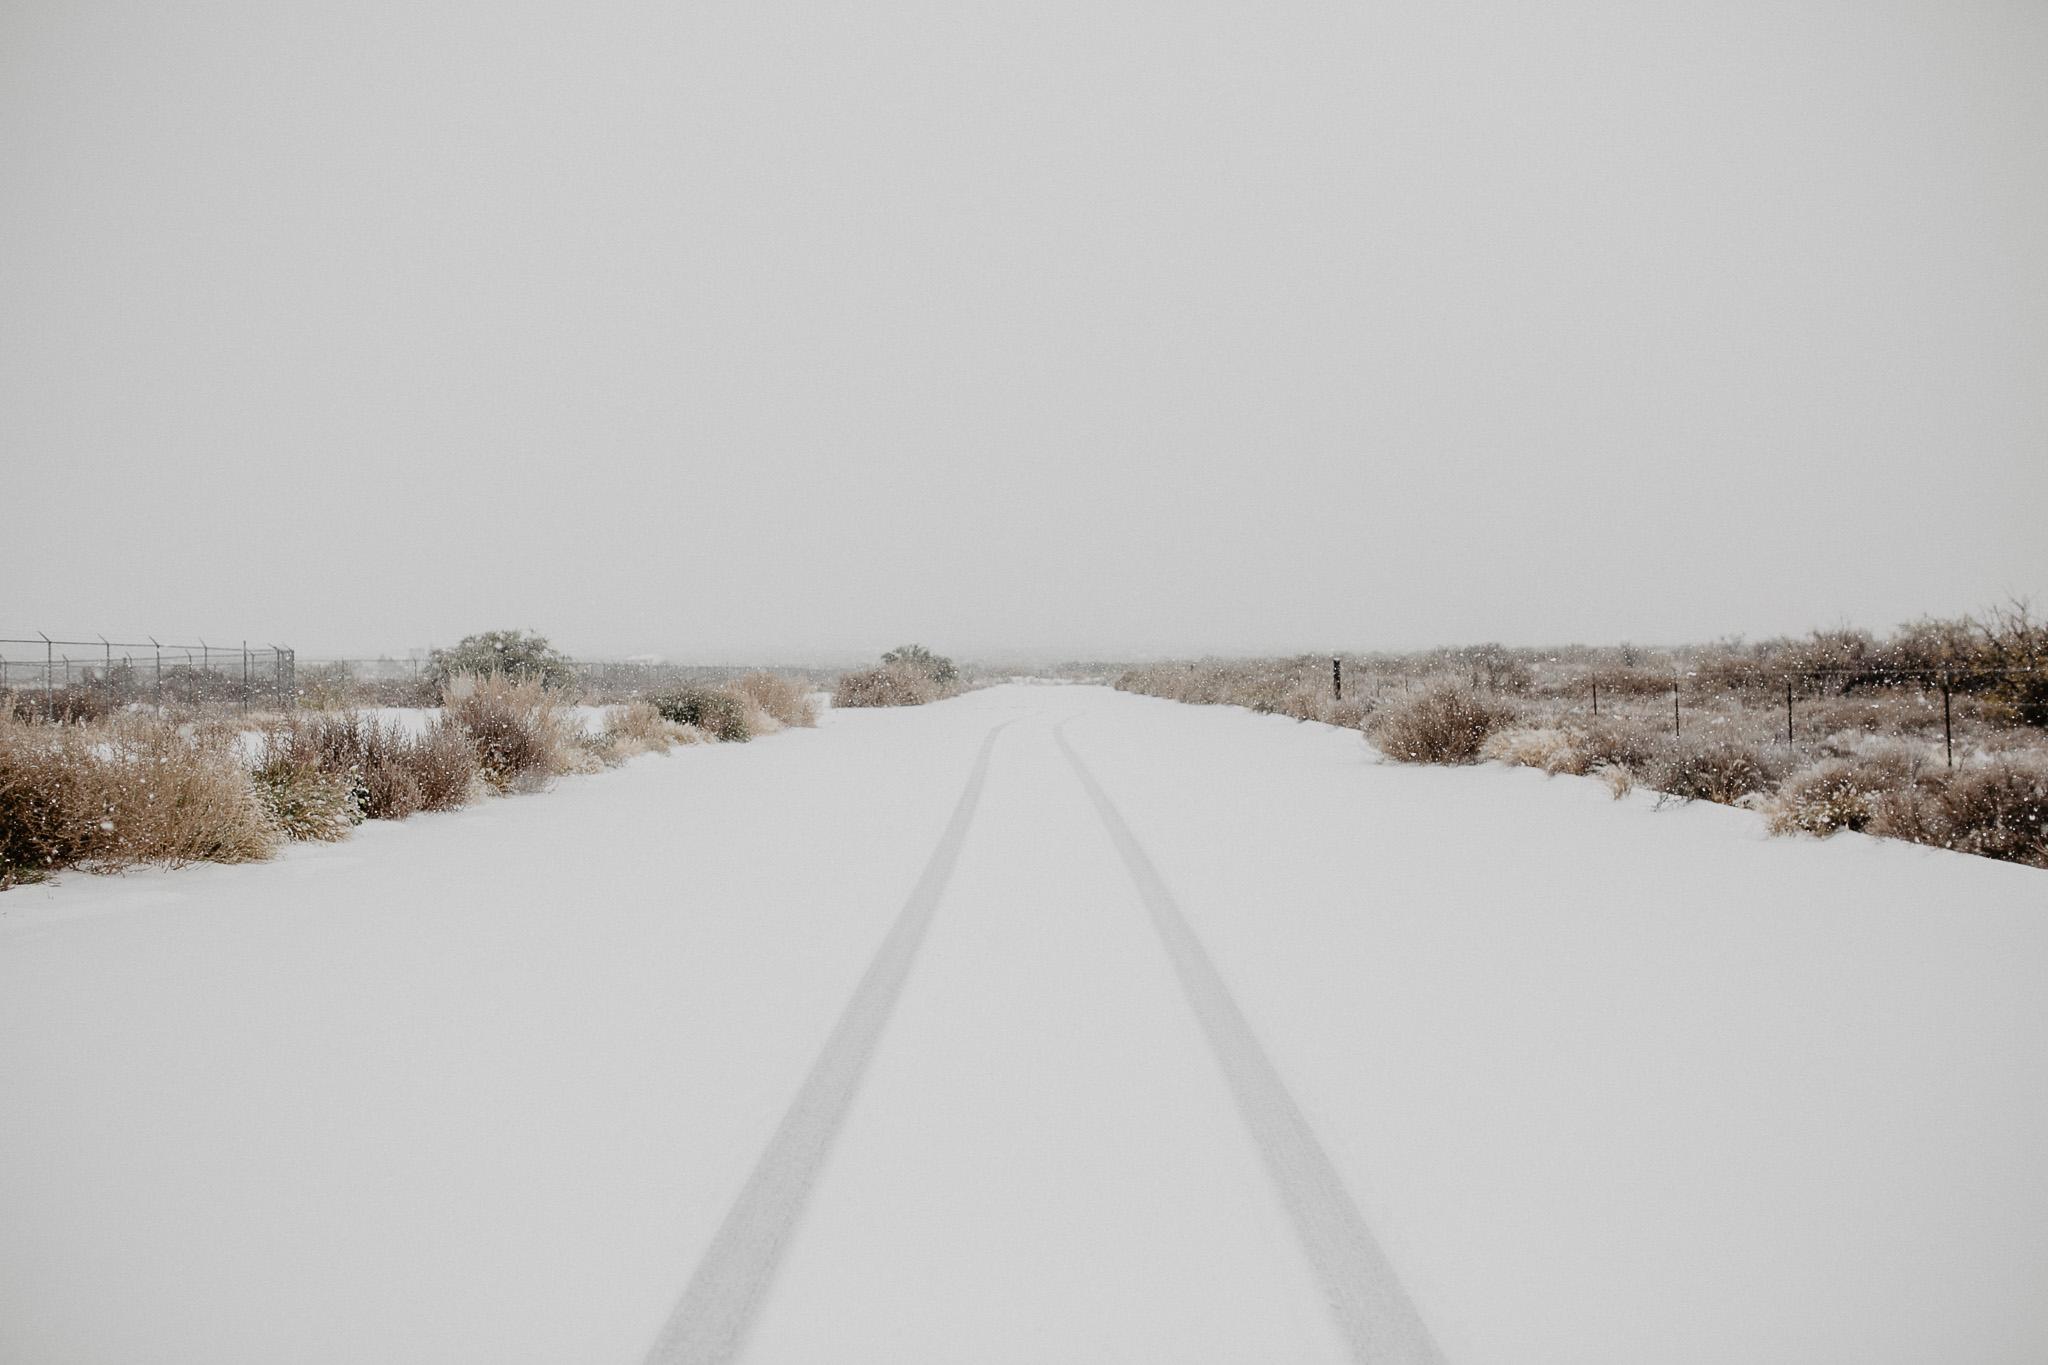 sesion-en-la-nieve-IMG_2790.jpg